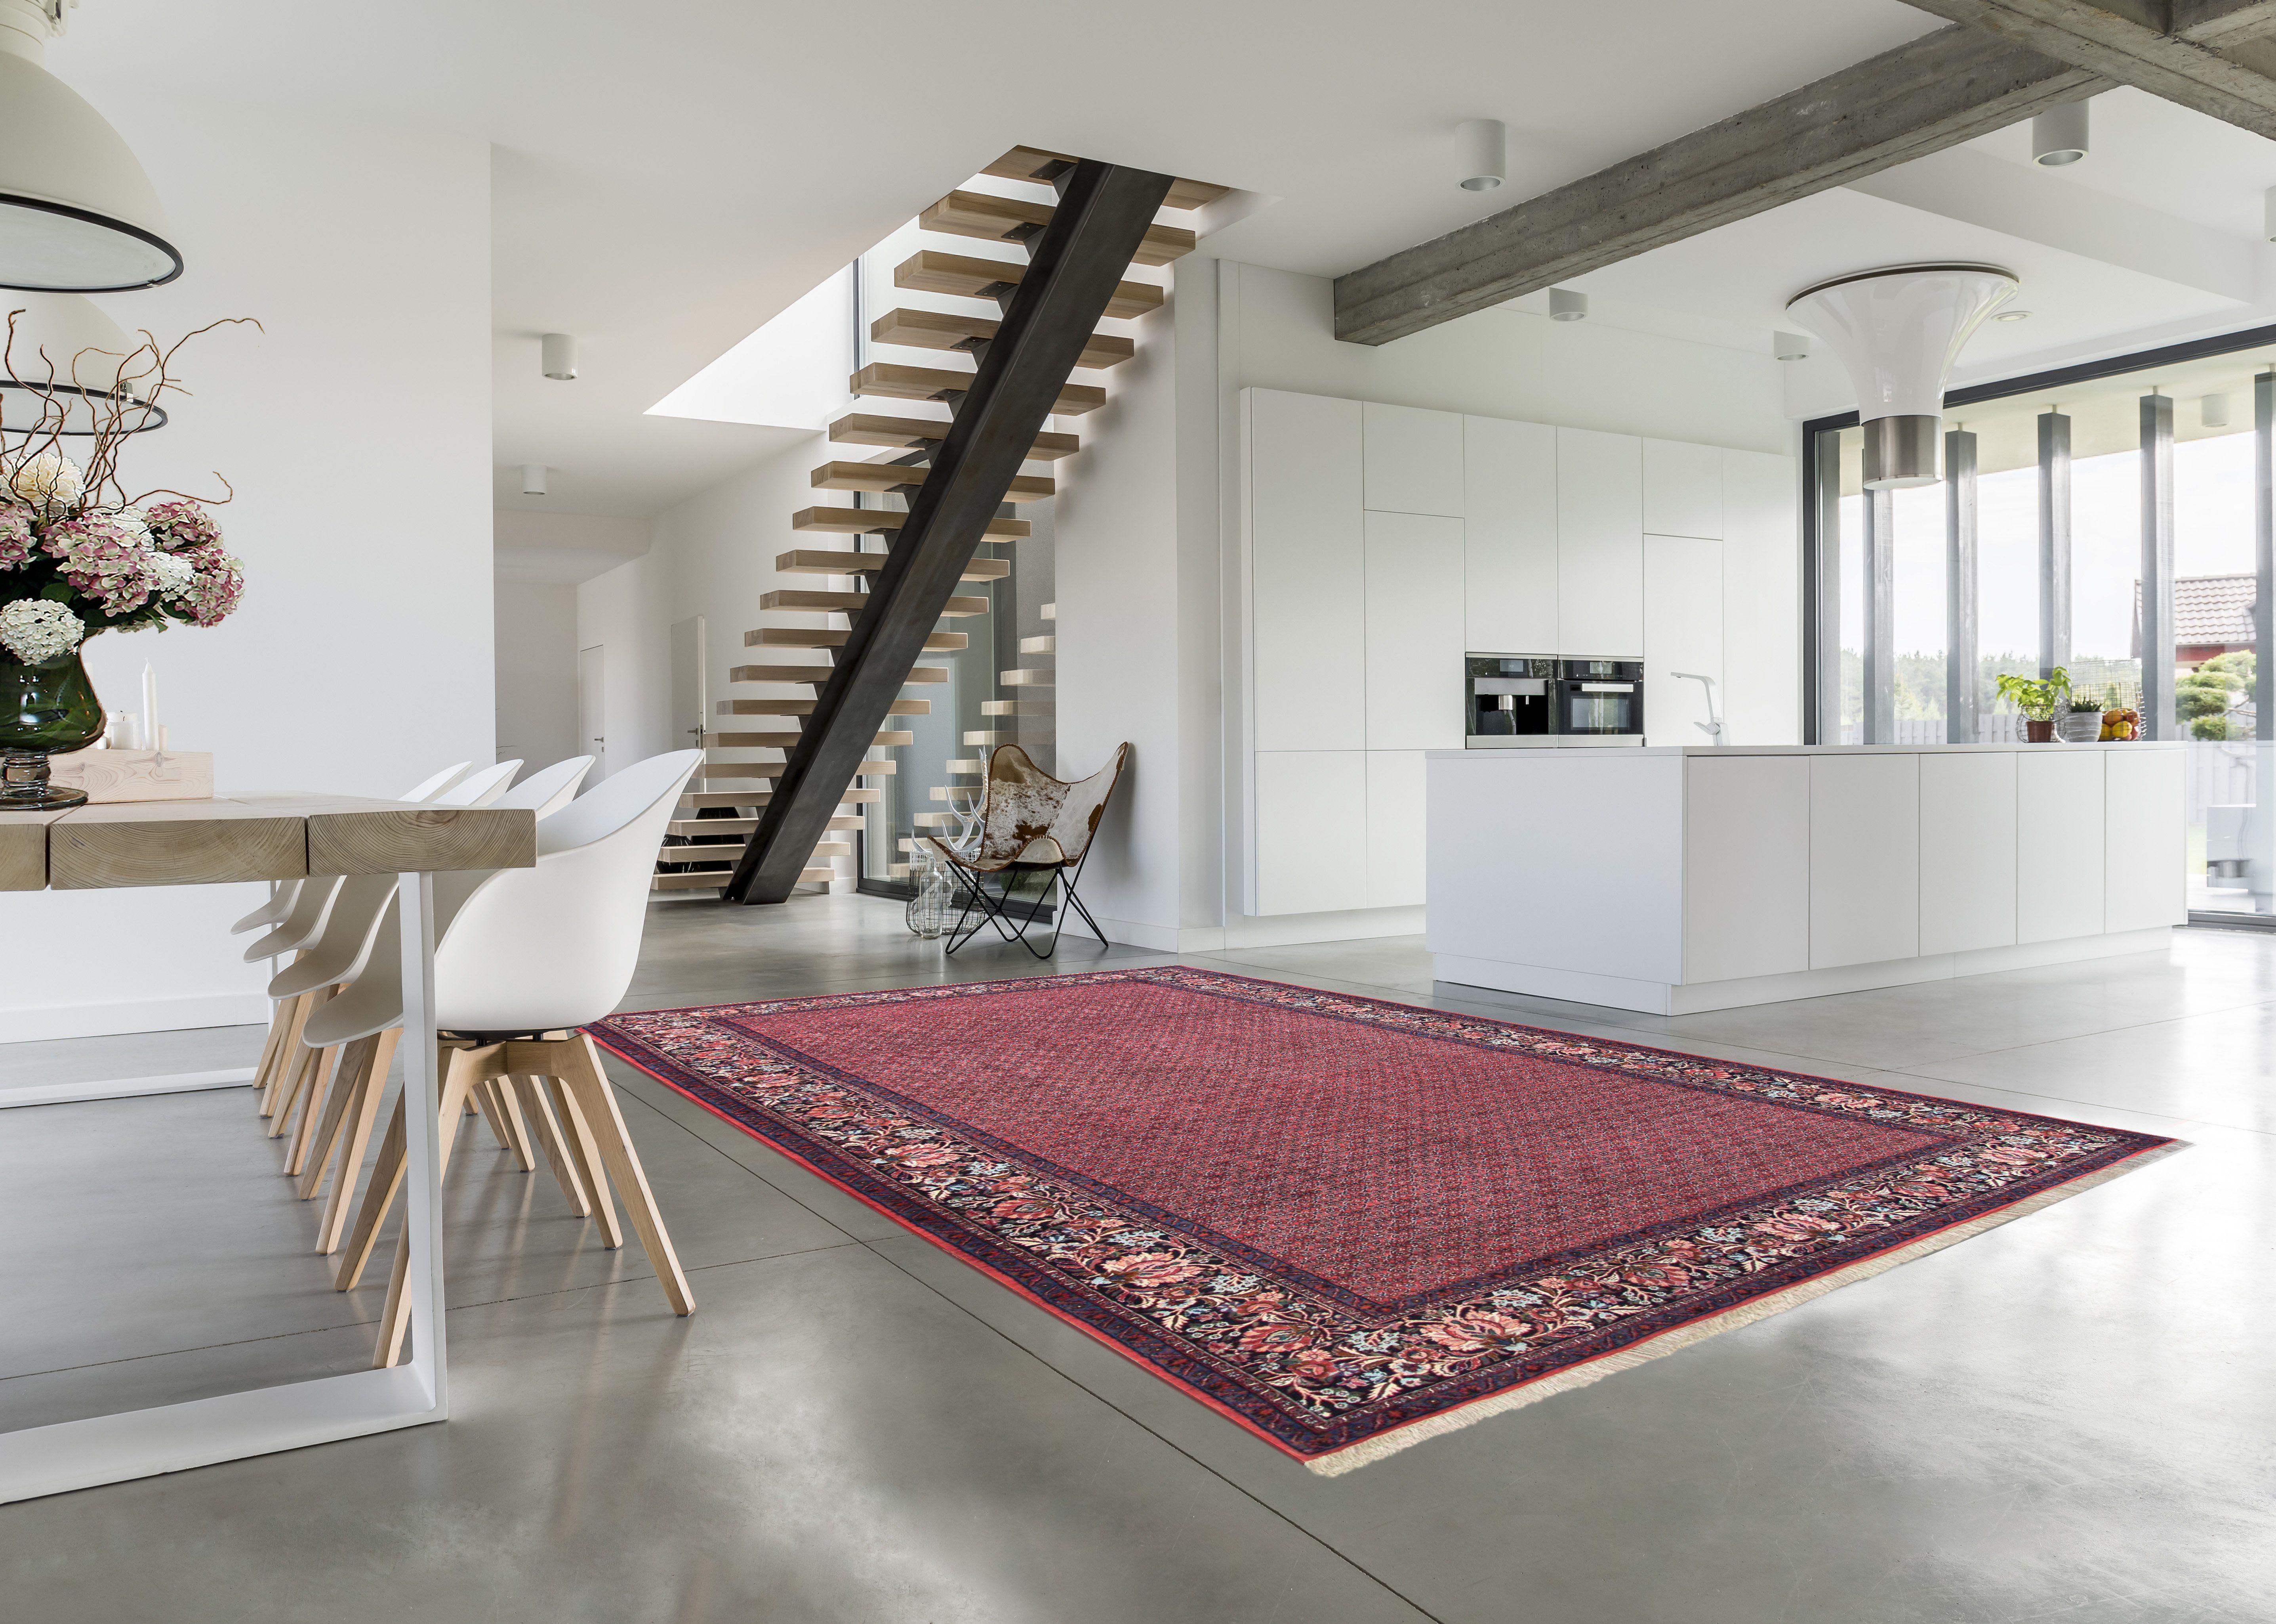 Der Original Persische Teppich Quot Bidjar Quot Ist Mit Seinem Ornamentmuster Auf Rotem Grund Ein Eyecatcher In Offene Perserteppich Haus Deko Wohnung Design